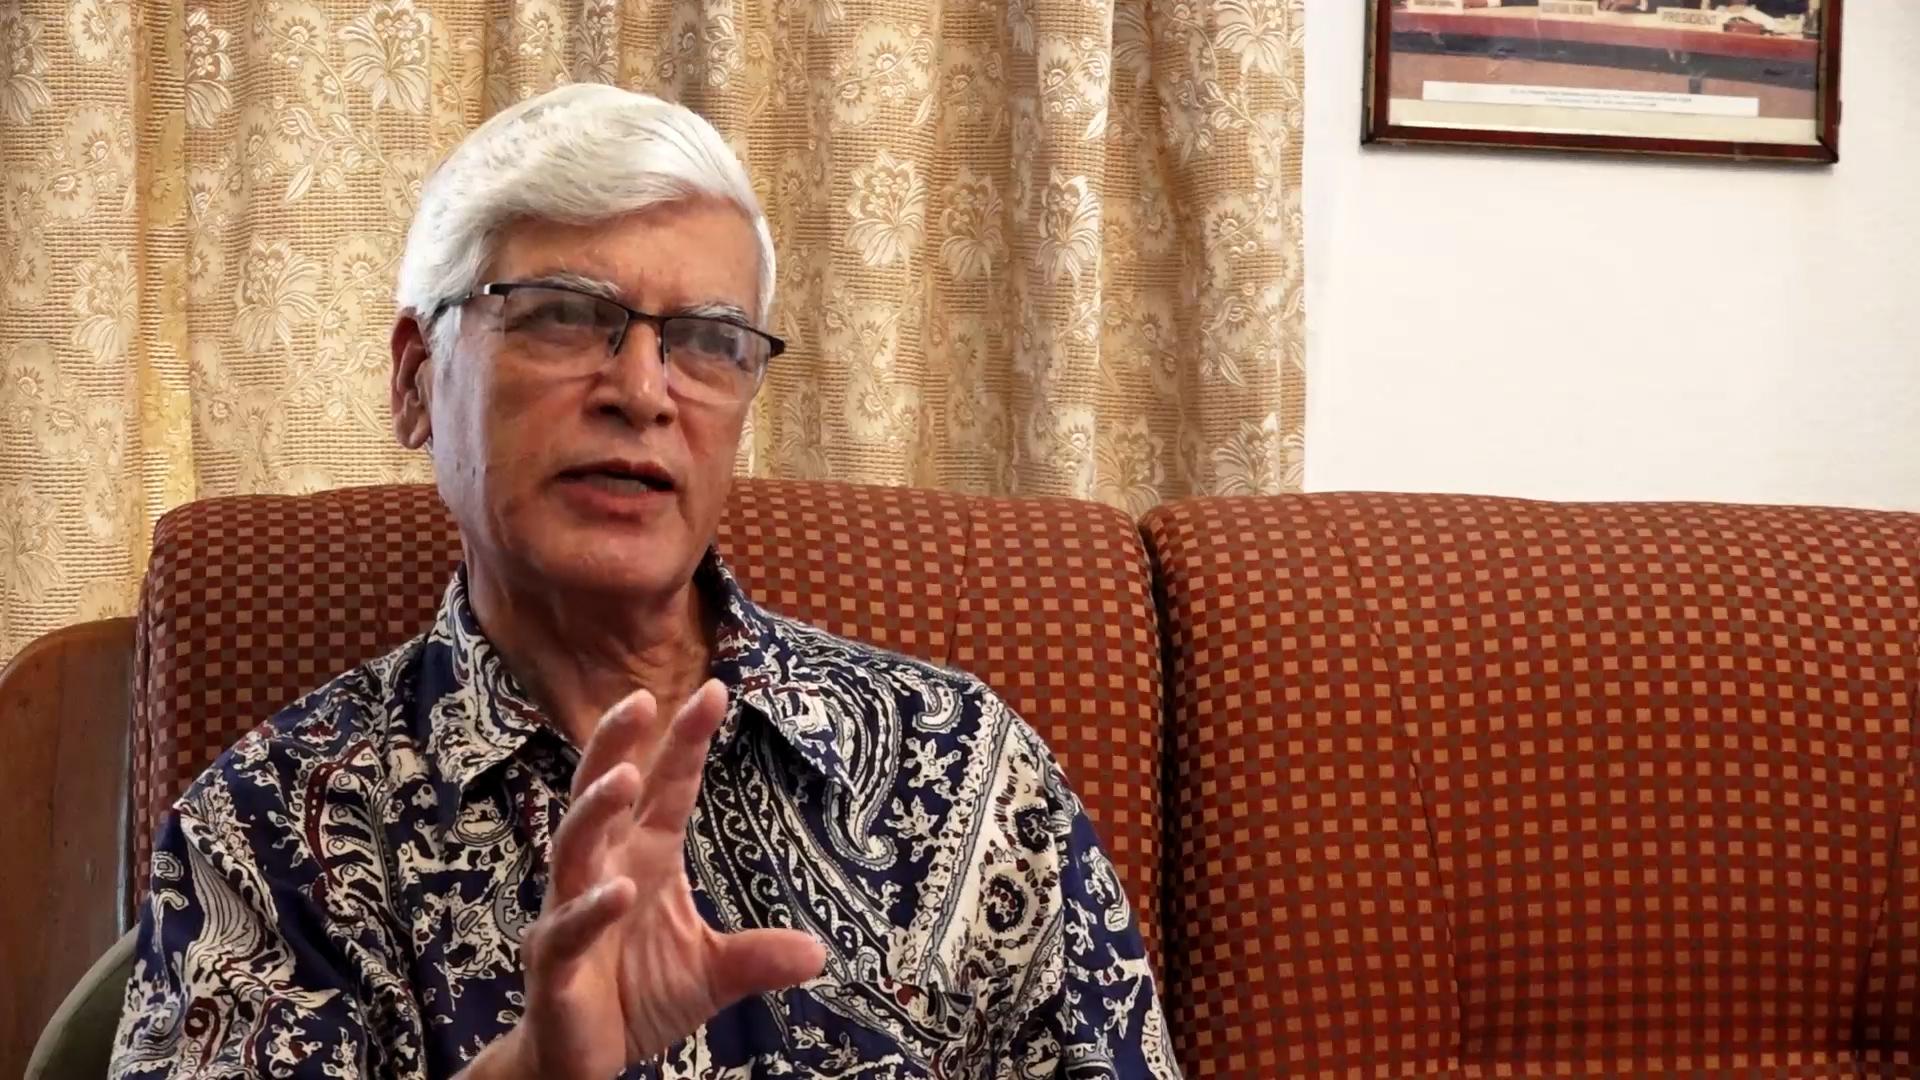 'देउवा सरकारको प्राथमिकता खोप र आर्थिक कूटनीतिमा केन्द्रित हुनुपर्छ' (भिडियो)